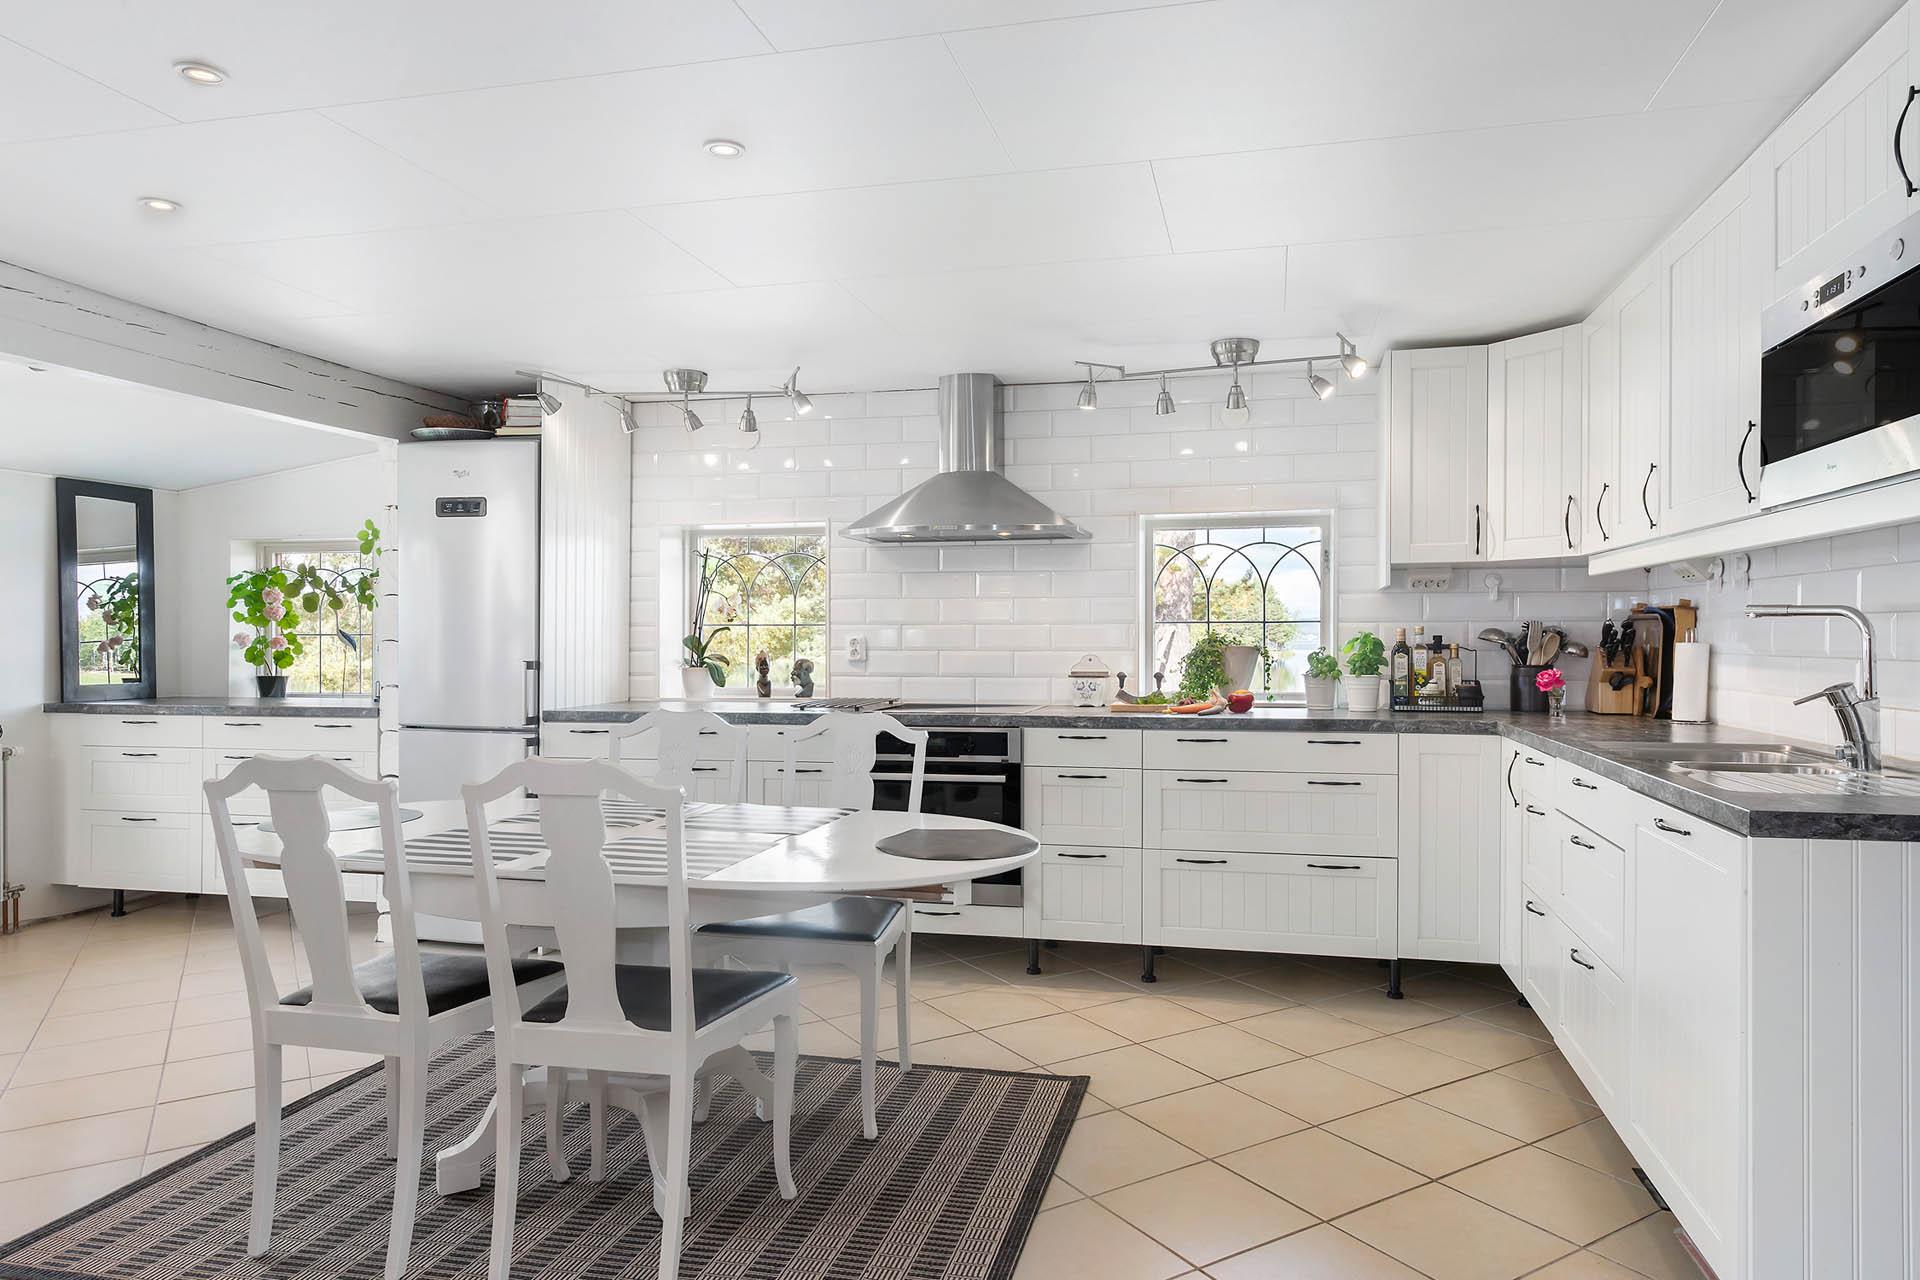 Rymligt kök med matplats och utsikt över vattnet